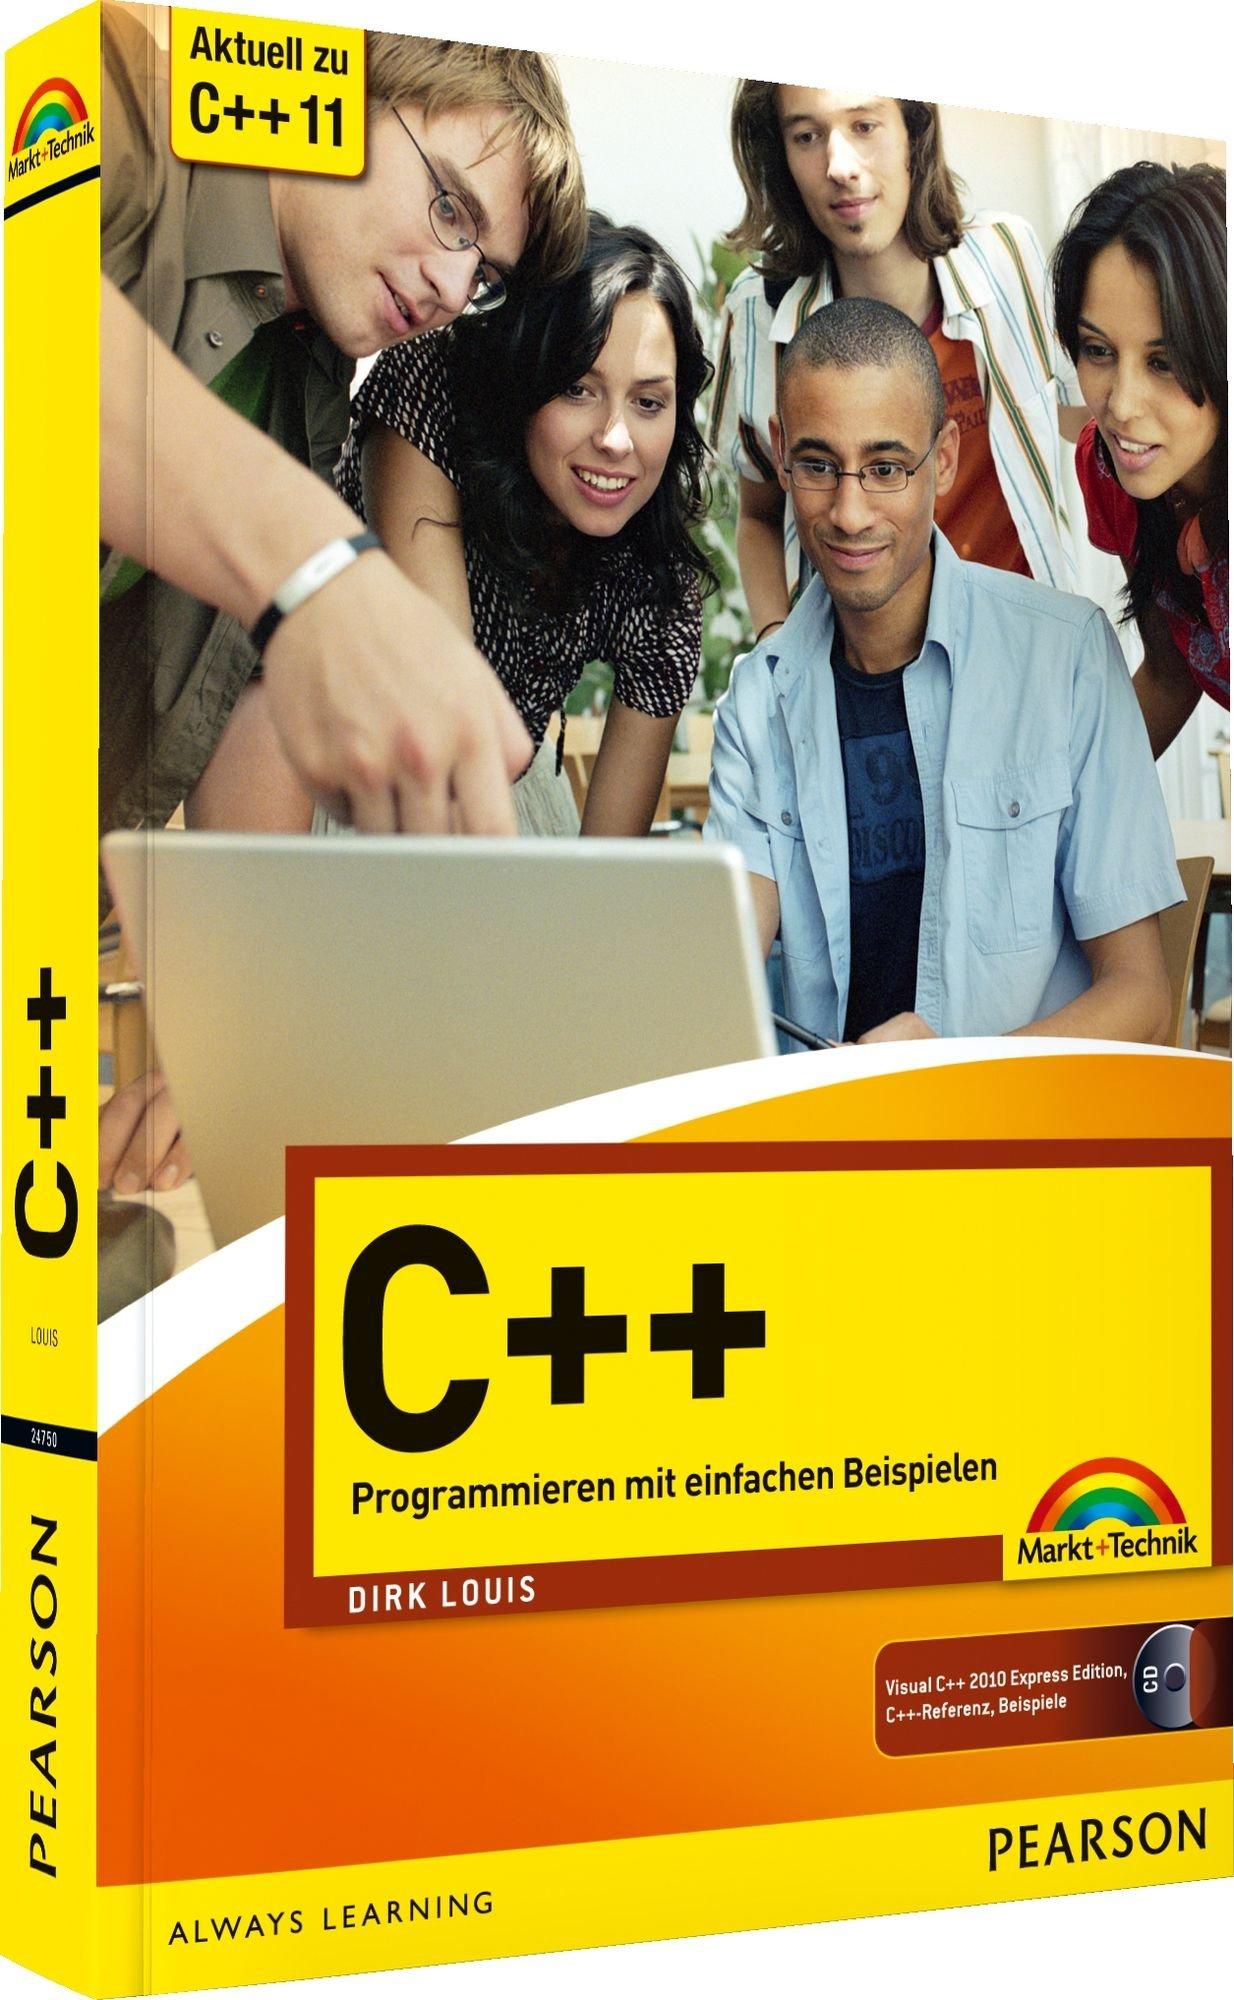 C++ - aktuell zum neuen Standard C++11: Programmieren mit einfachen Beispielen (easy)